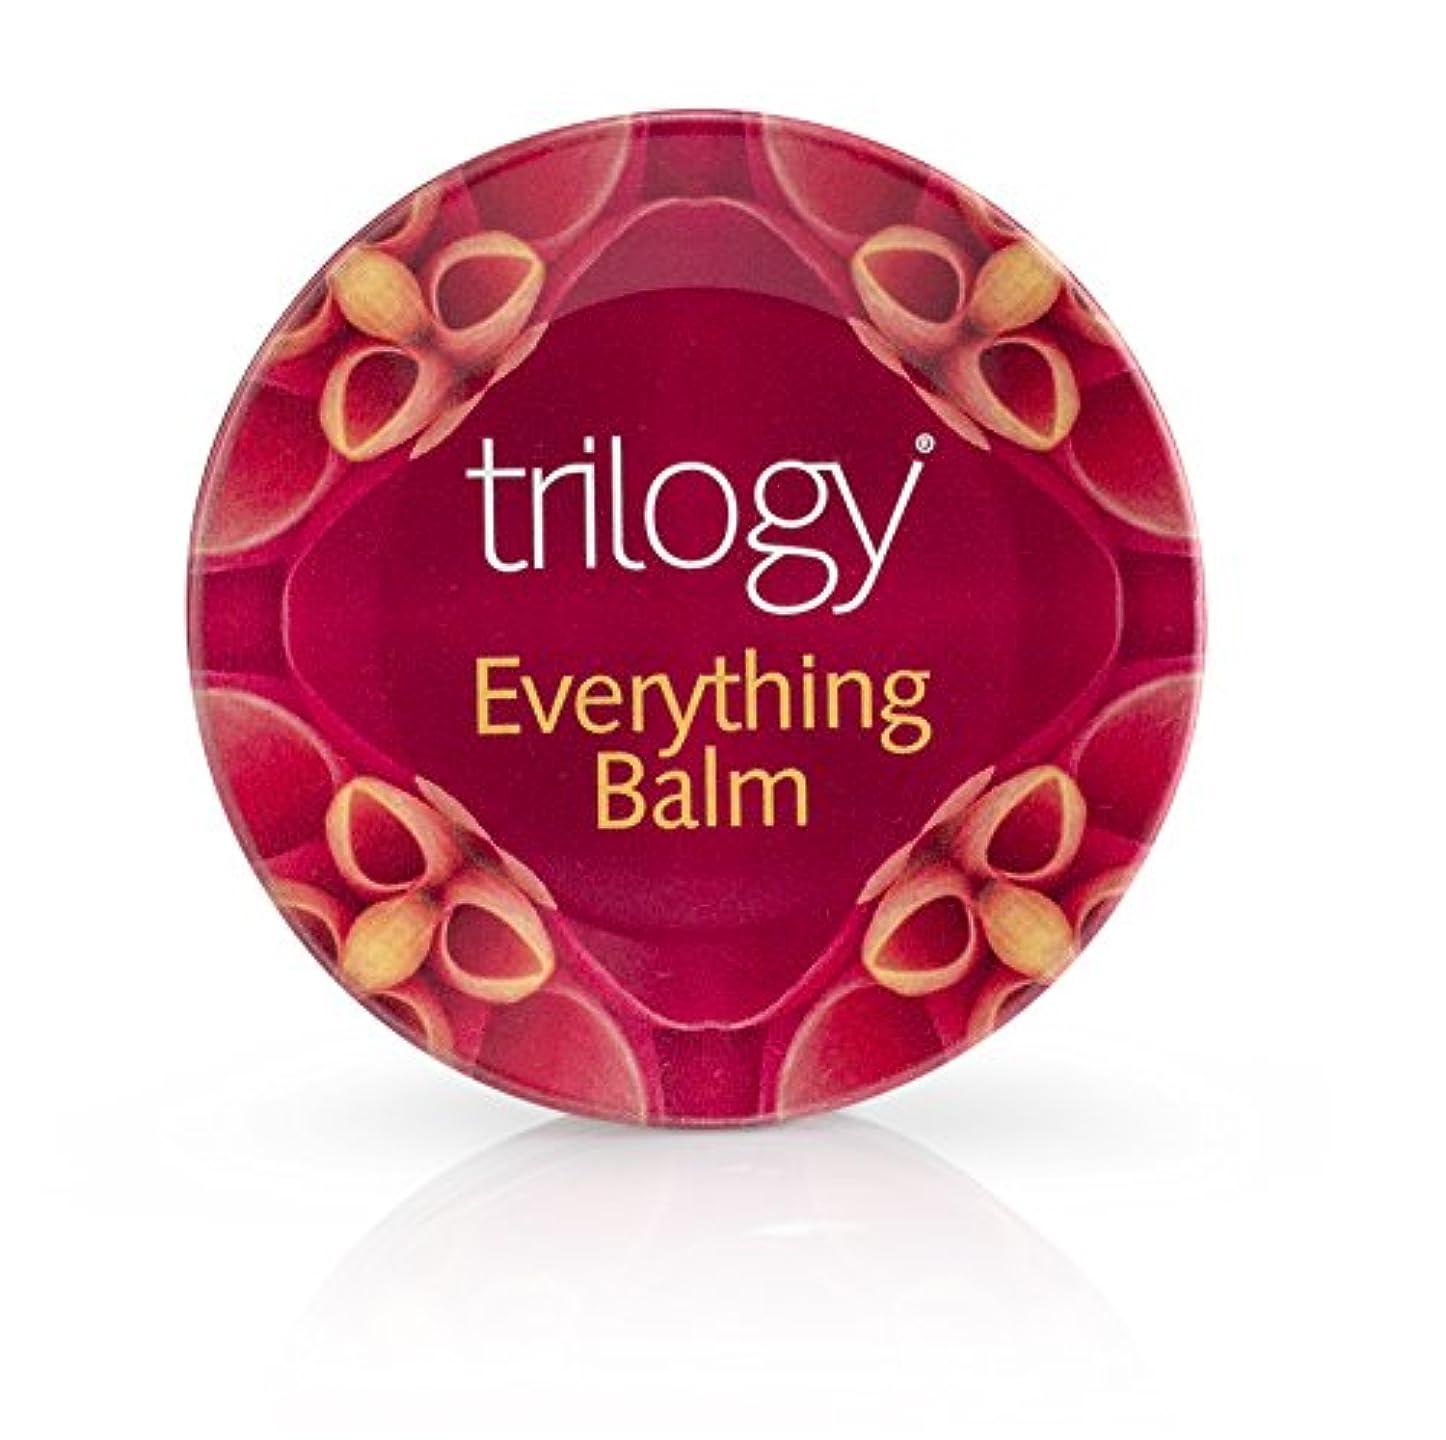 と組む蚊ビュッフェトリロジー(trilogy) エブリシング バーム 〈全身用バーム〉 (95mL)